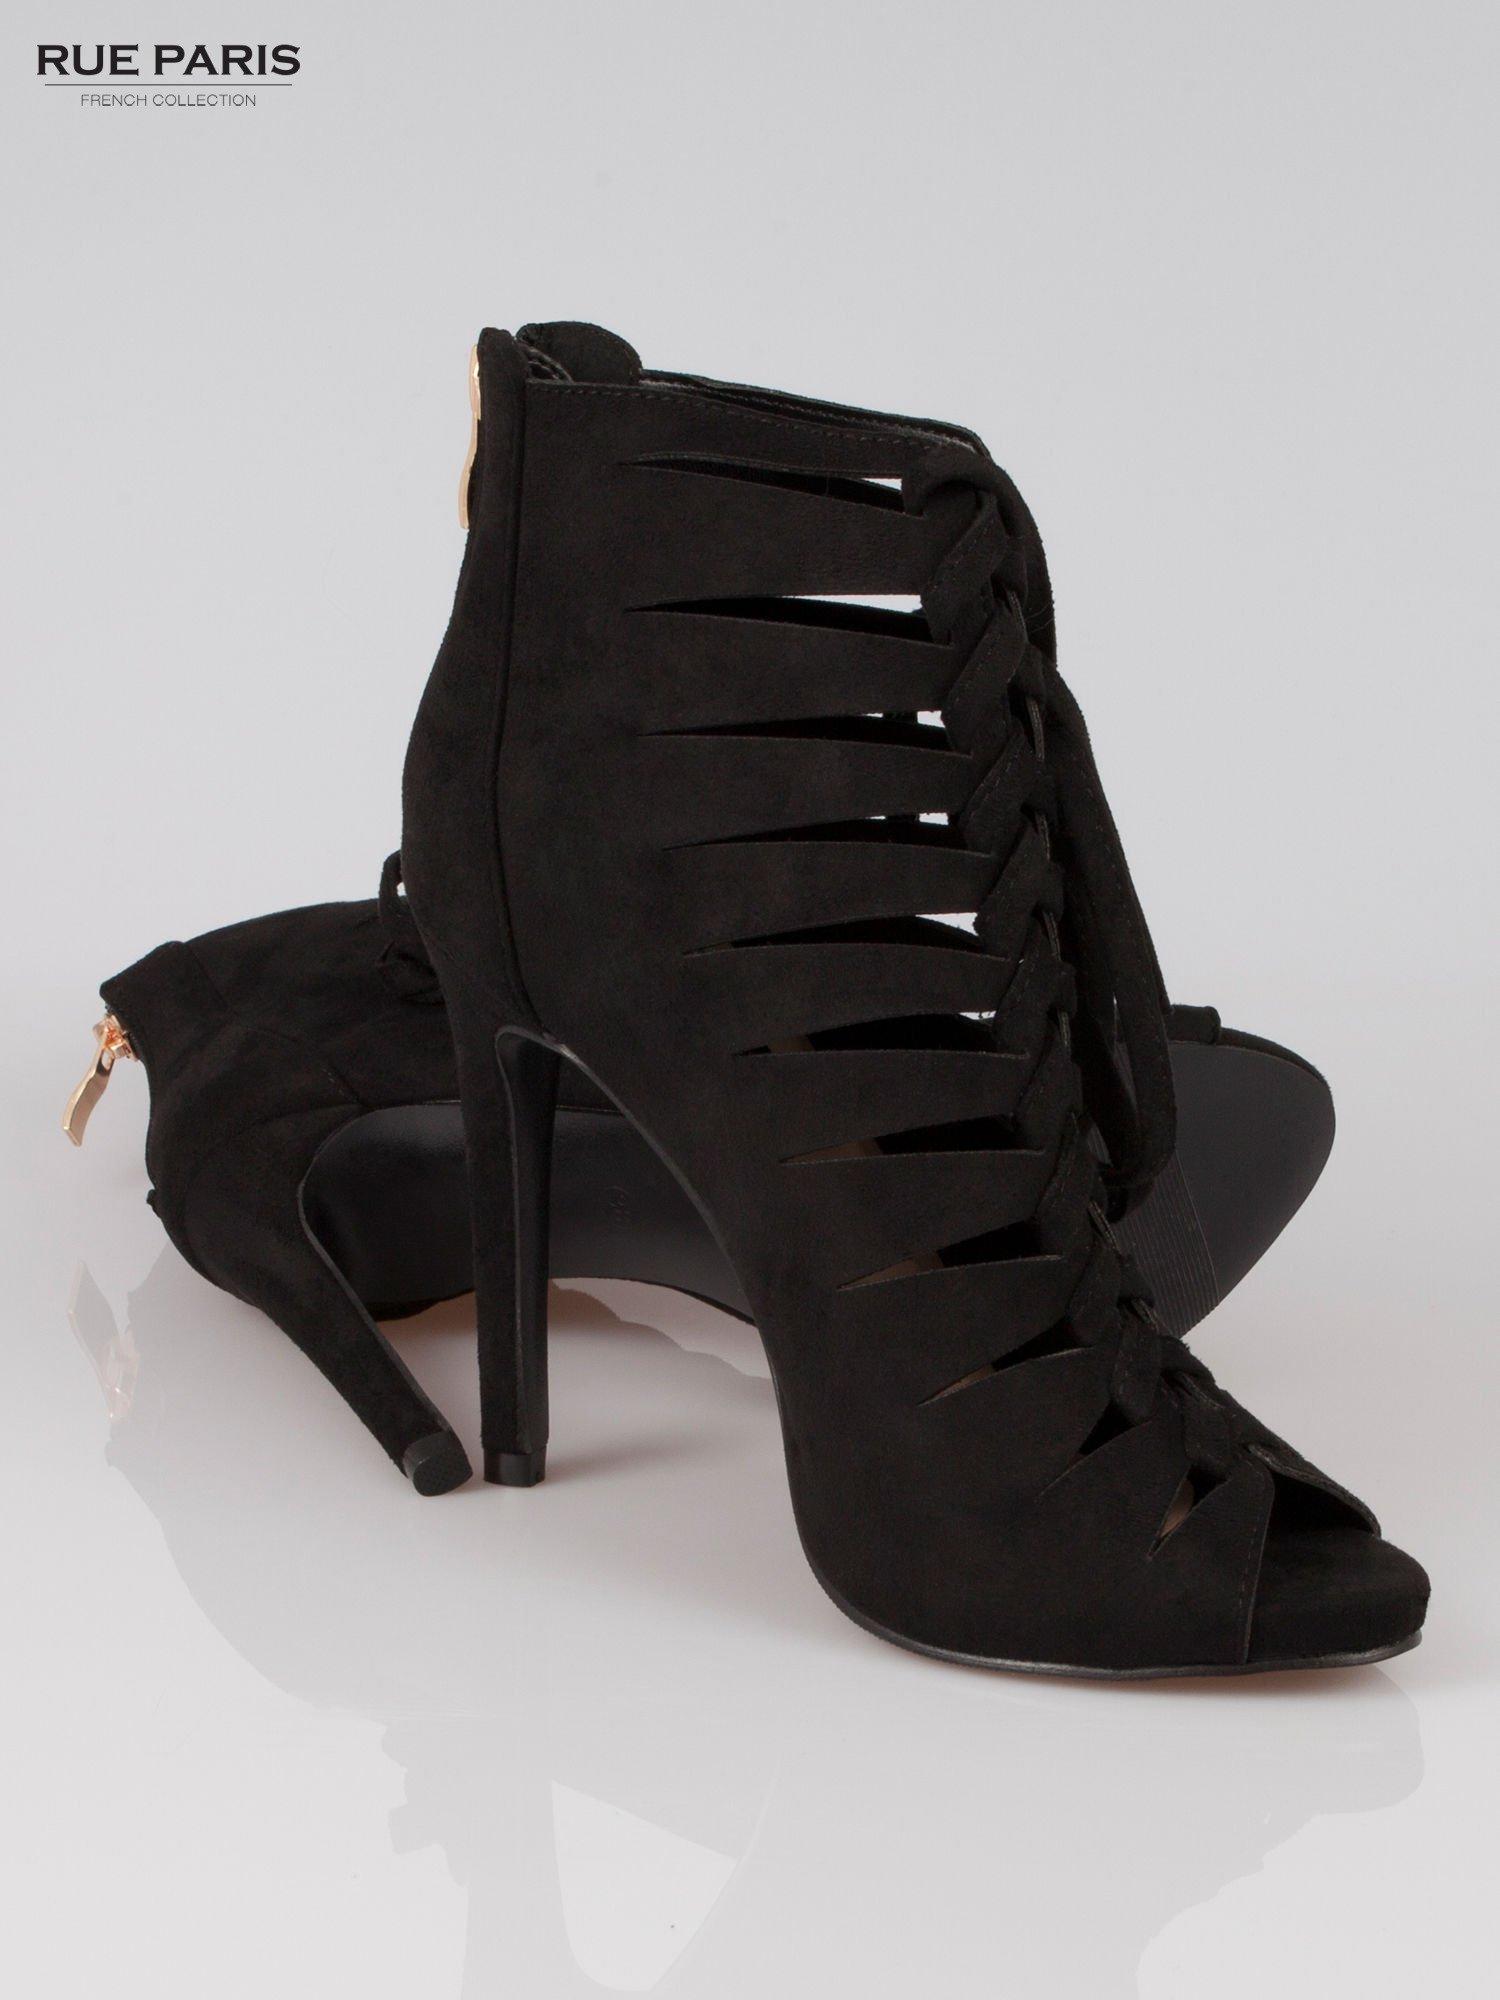 Czarne sznurowane botki lace up z zamkiem                                  zdj.                                  4